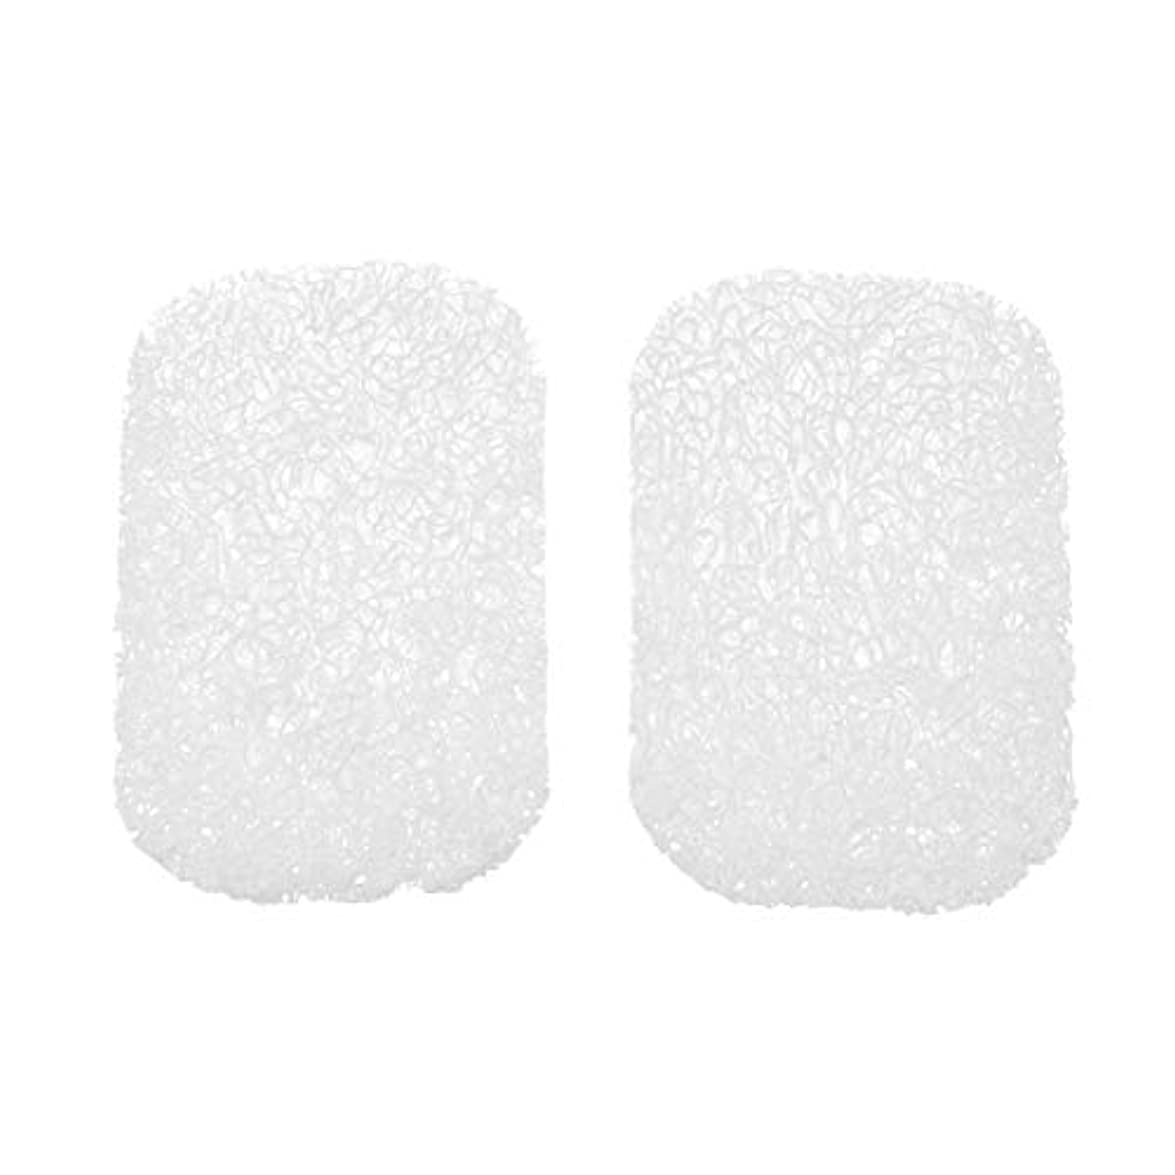 粘液血色の良い良さHealifty 石鹸トレイ滑り止め日常用ソープホルダー10個入(白)